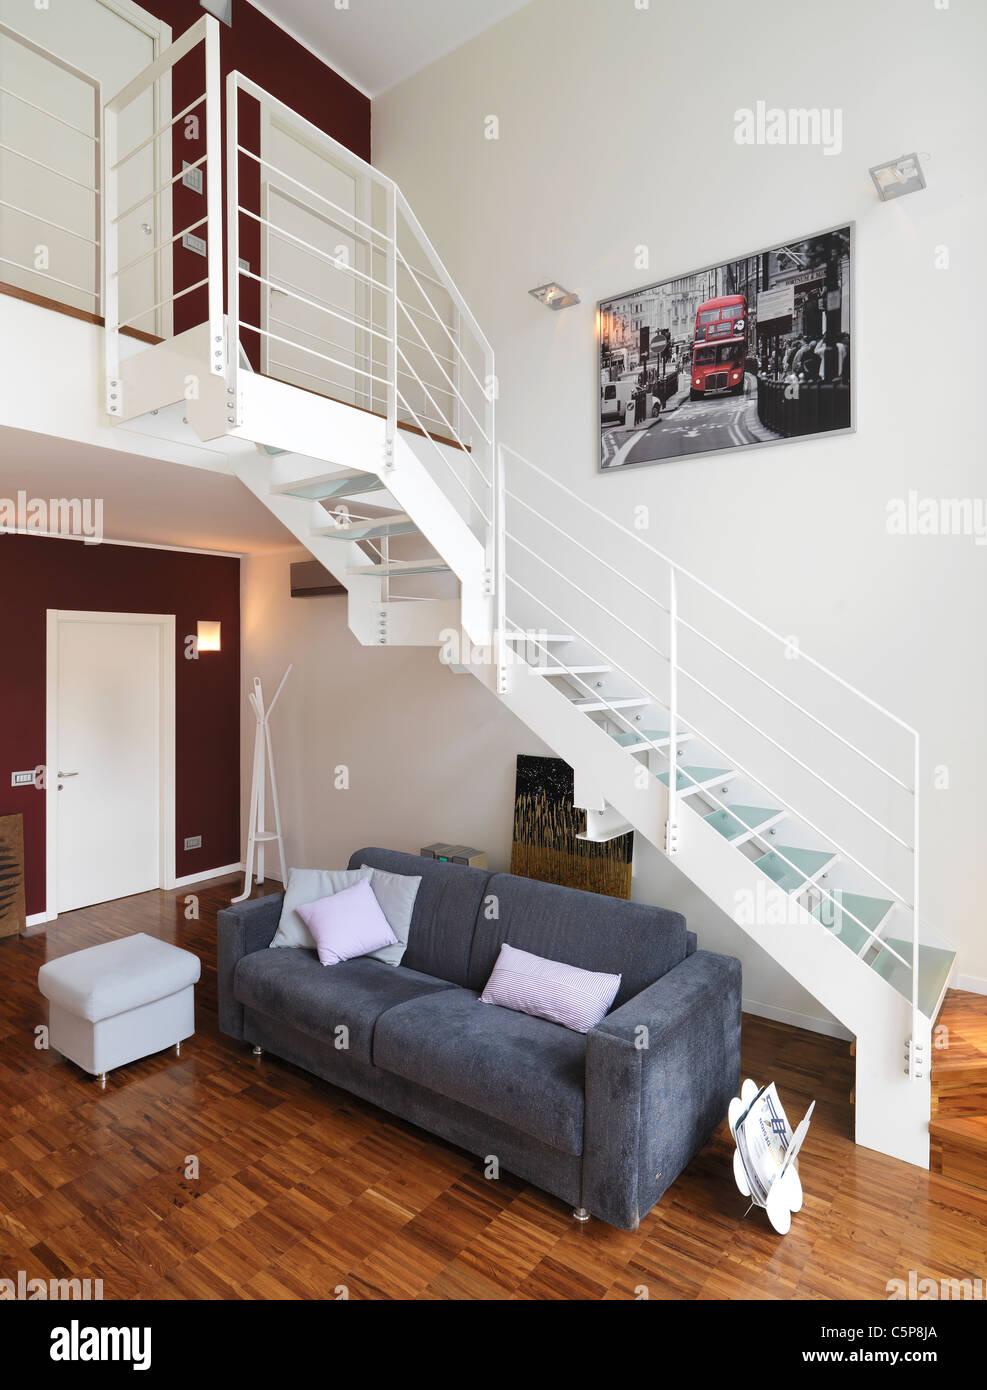 Soggiorno moderno con divano grigio sotto una scala di metallo foto immagine stock 37983746 - Soggiorno con divano ...